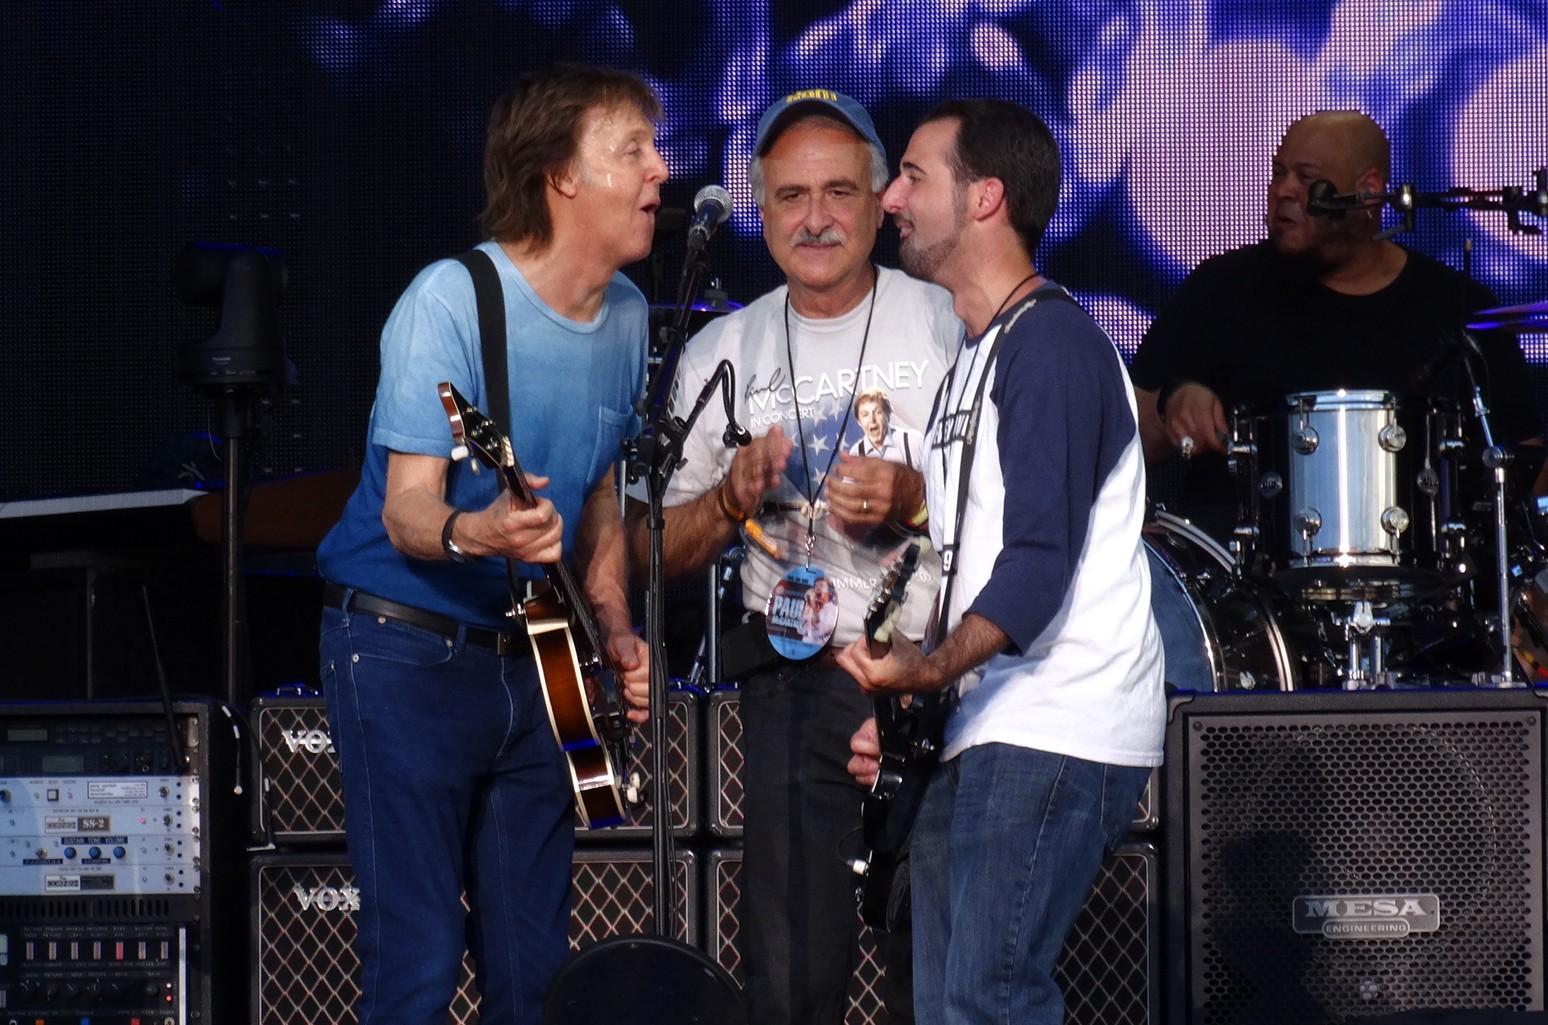 Paul McCartney soundcheck